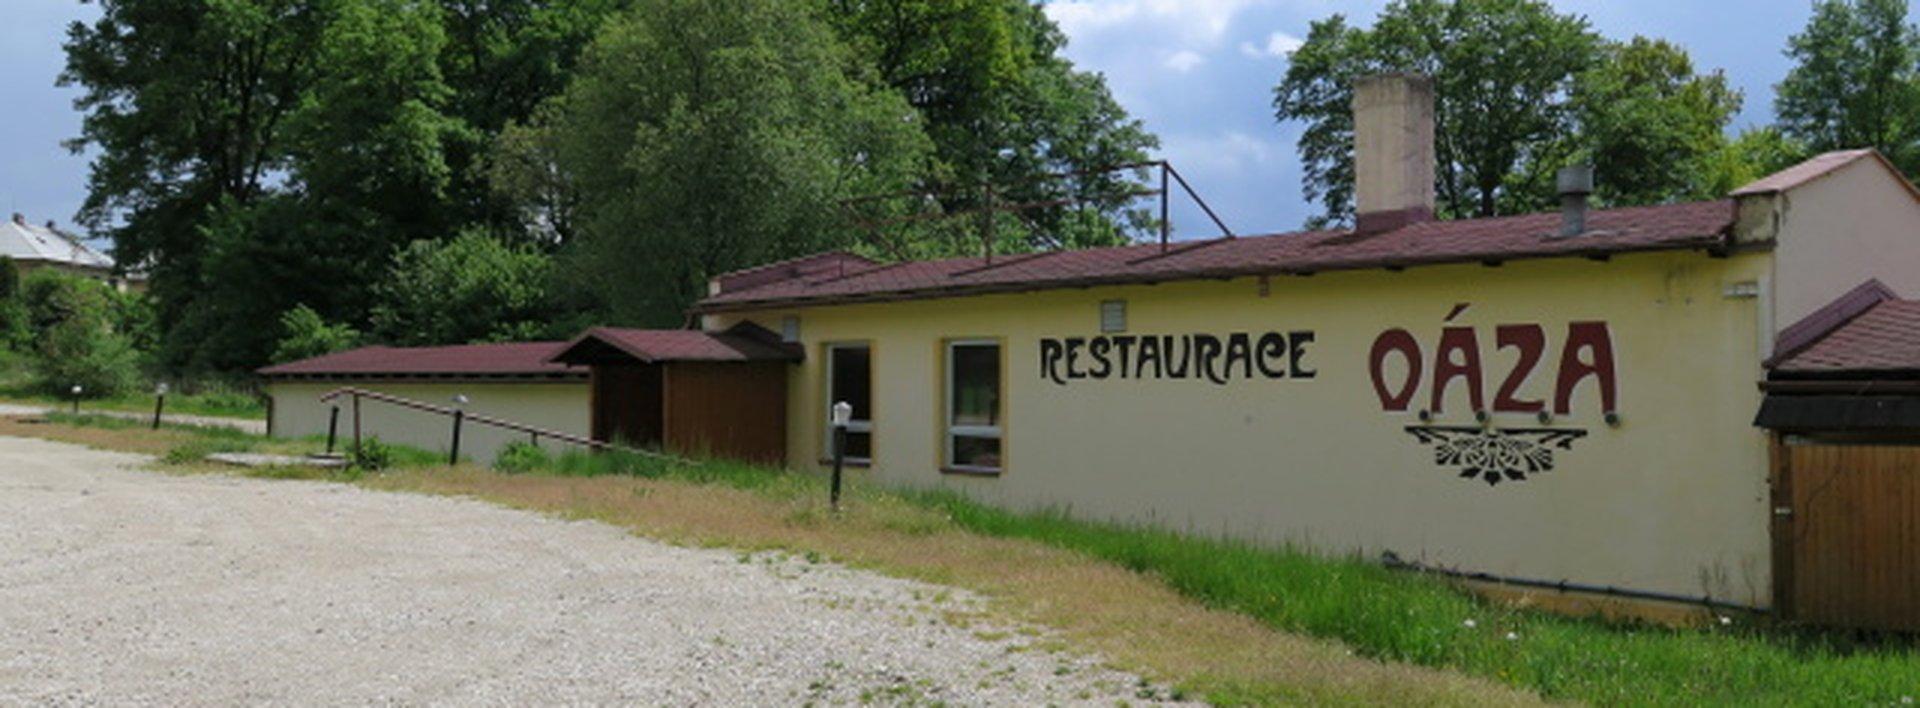 Restaurace u zámku Grabštejn, Ev.č.: N46686